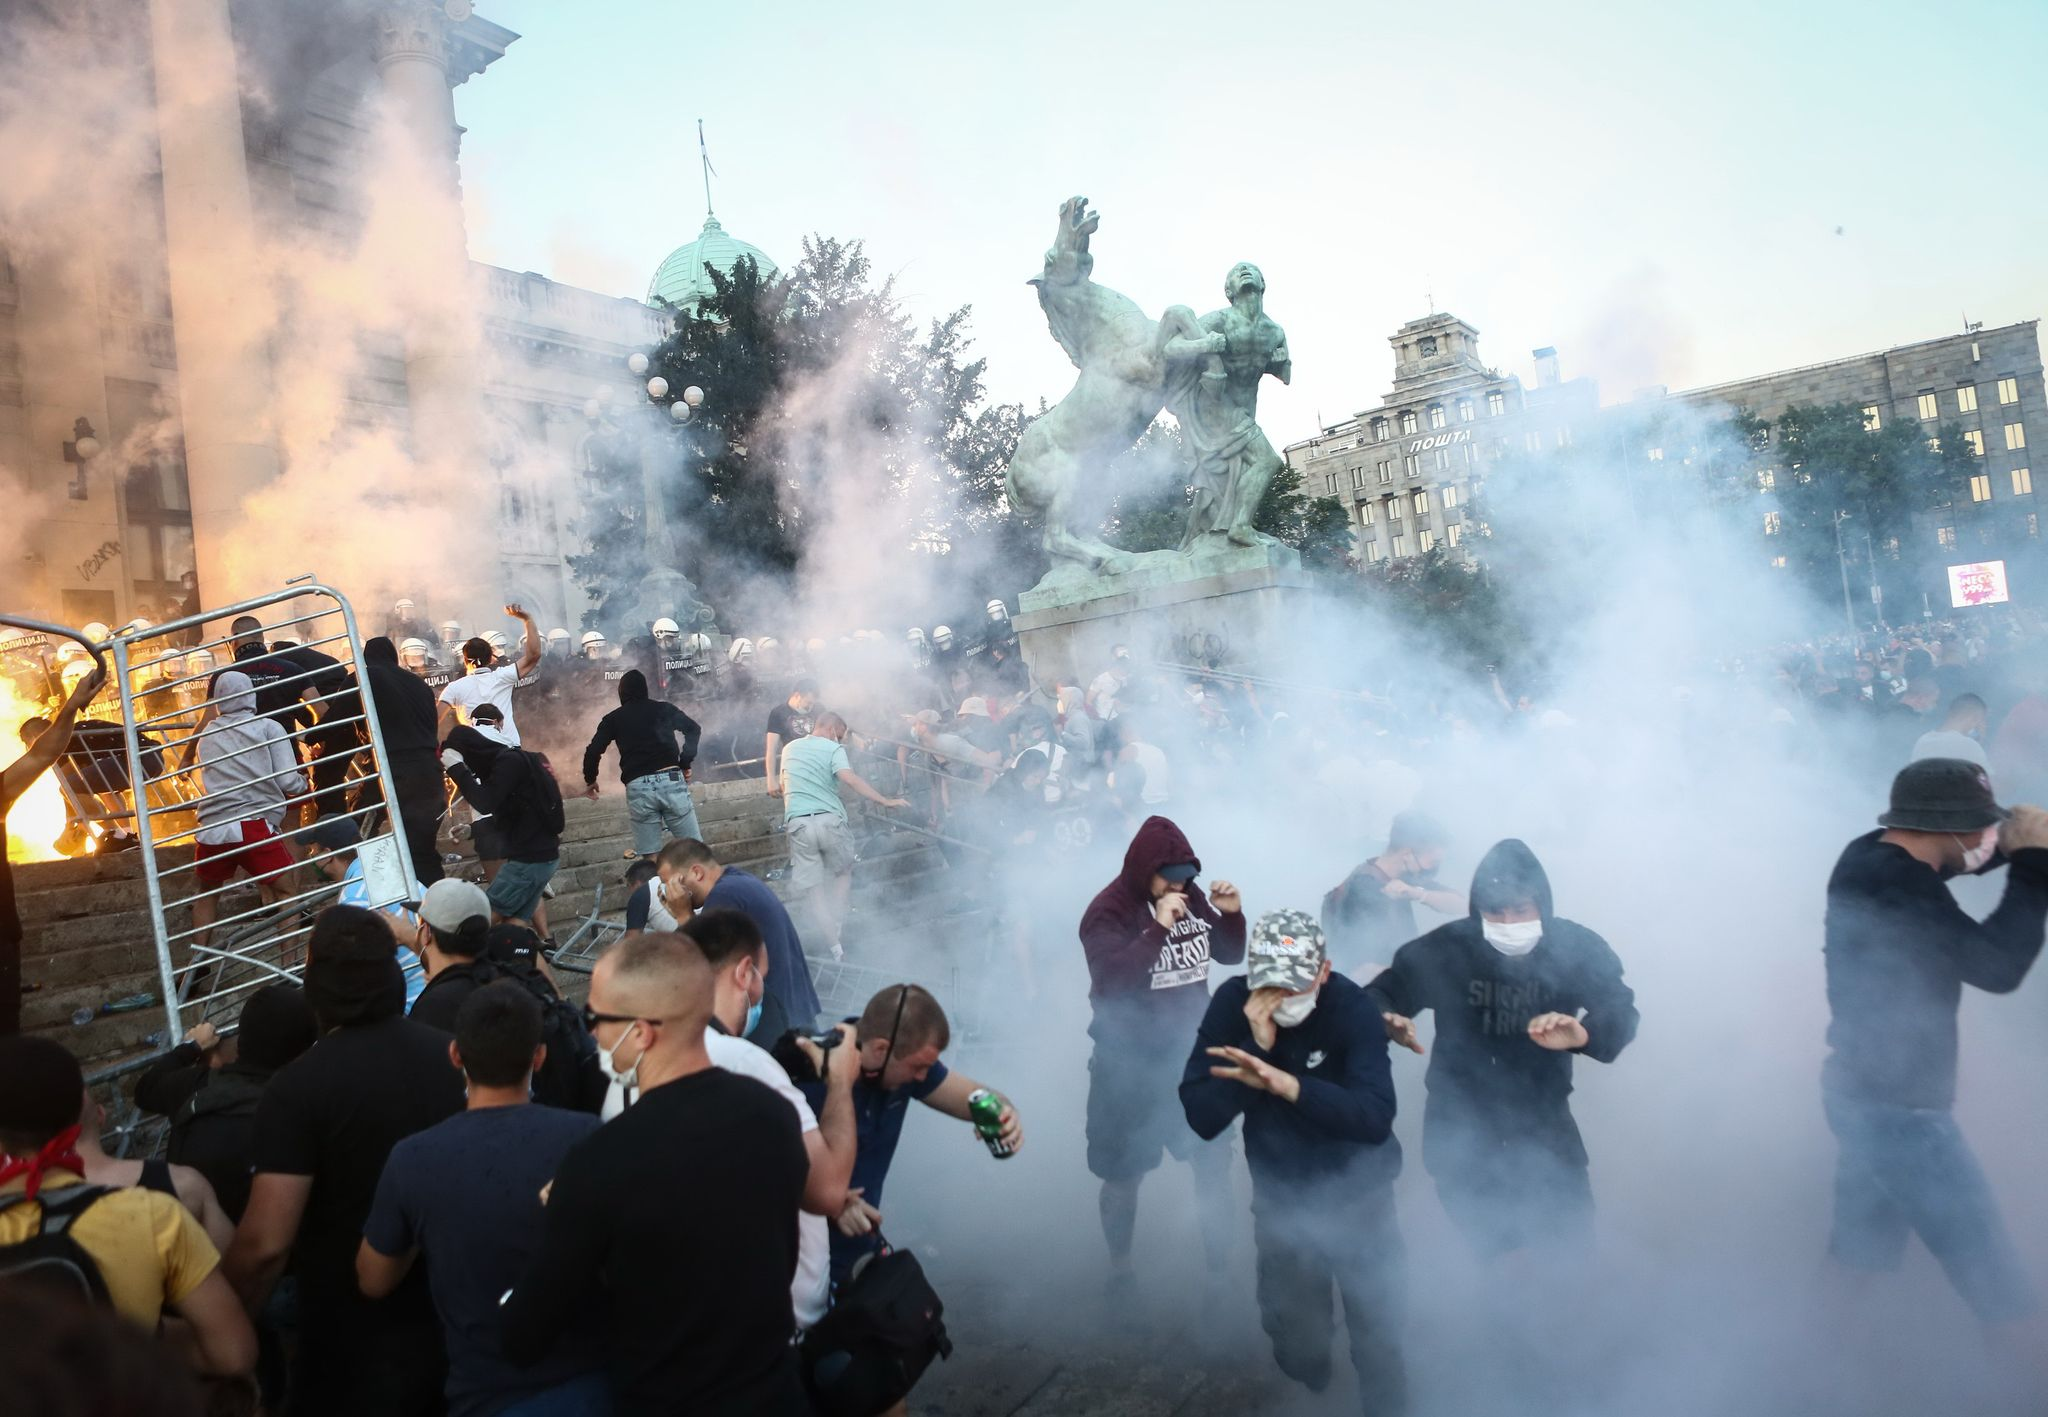 세르비아 수도 베오그라드의 반정부 시위대가 8일 의회 진입을 시도하다 경찰이 쏜 최루탄에 흩어지고 있다. AFP=연합뉴스